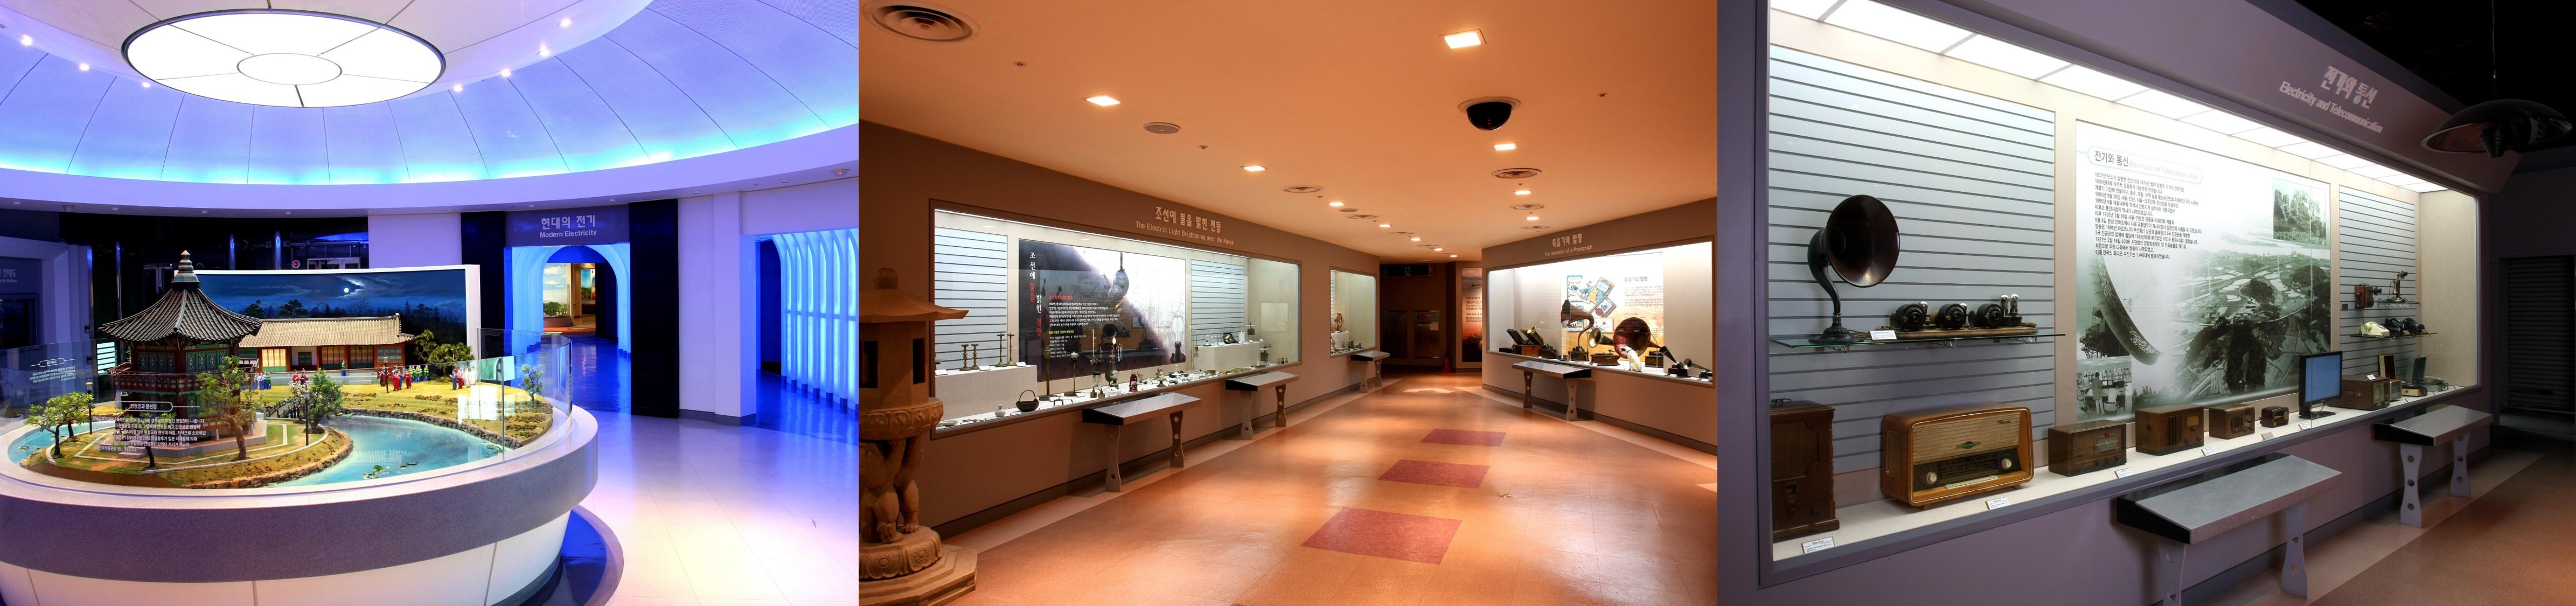 전기박물관